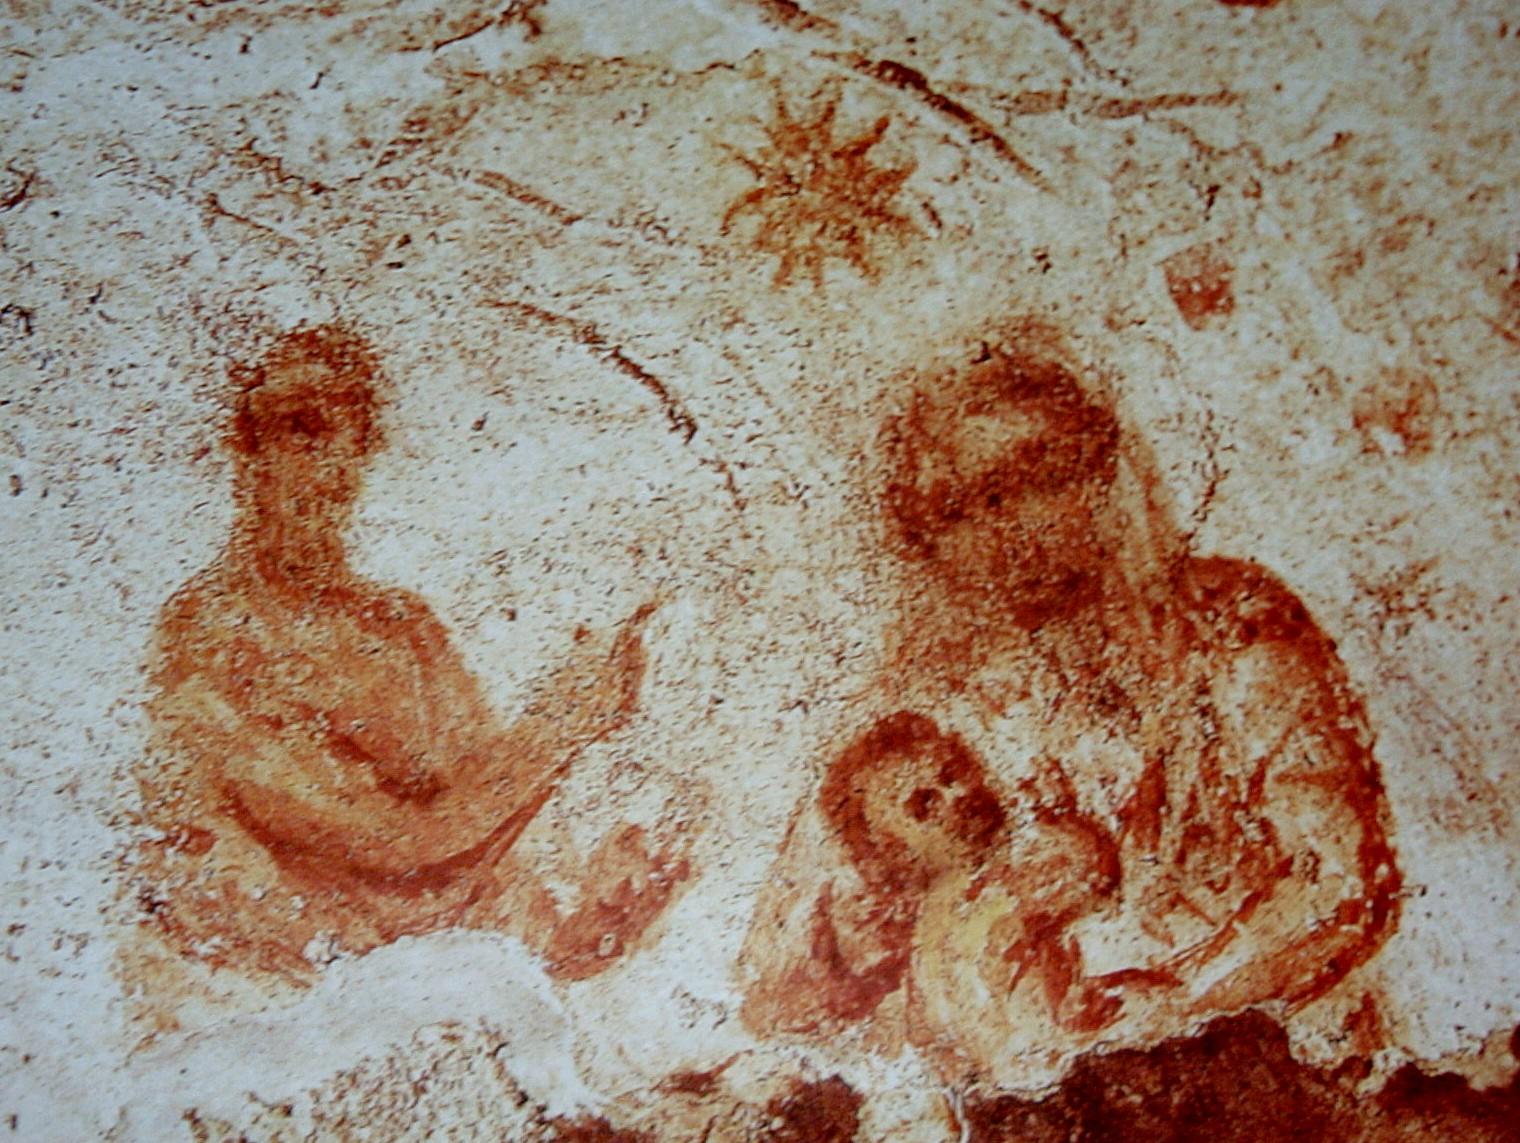 Primera representación de la Virgen María (Catacumbas de Santa Priscila)